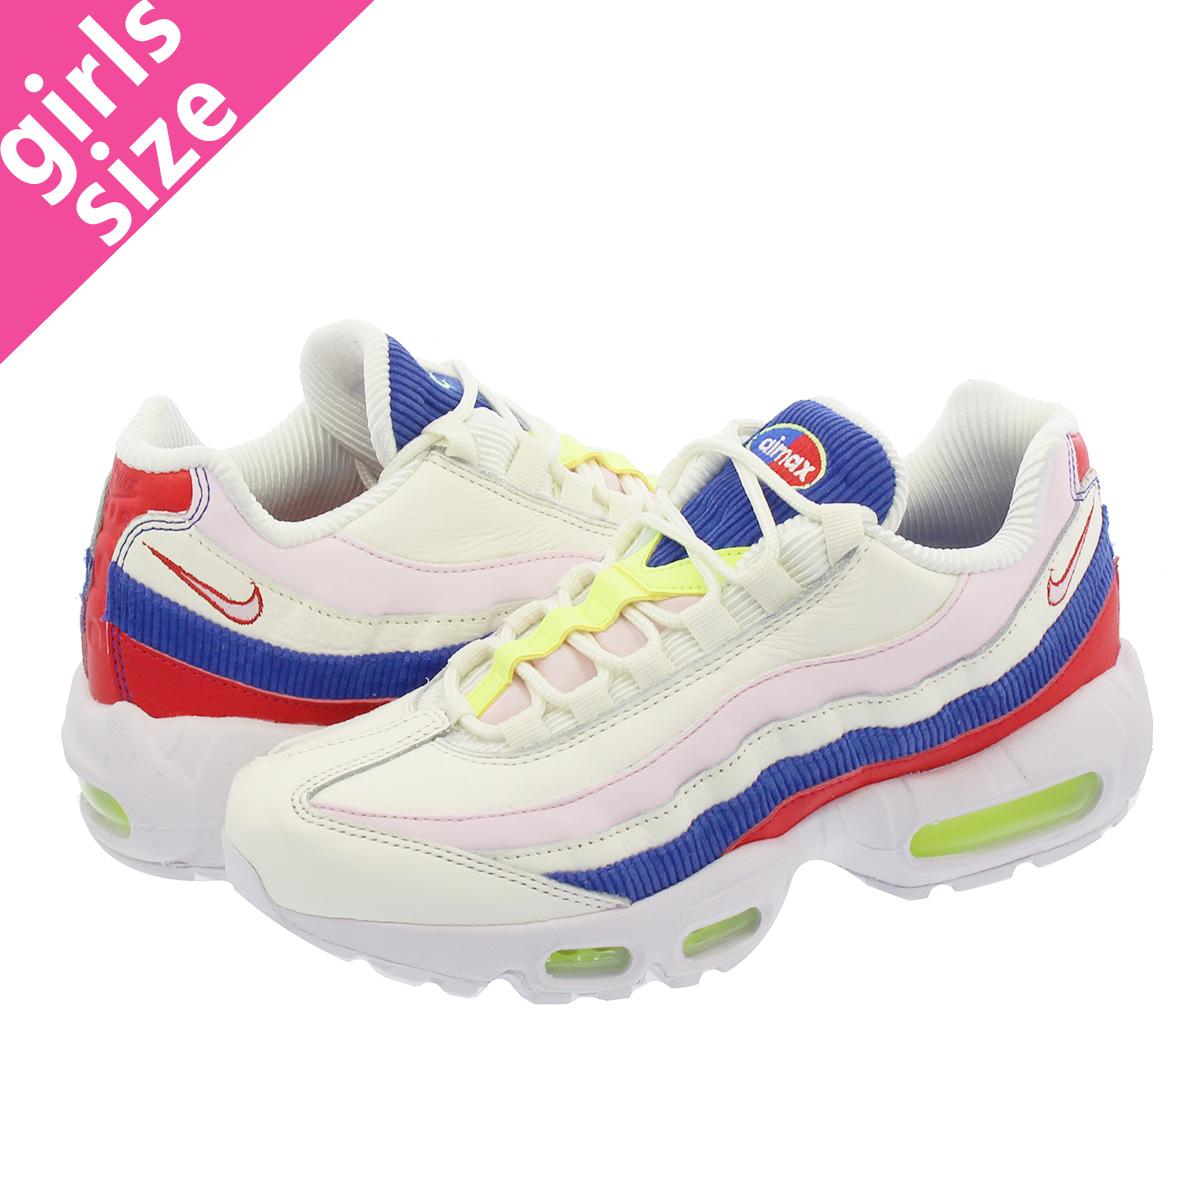 wholesale dealer 4fd3e feb7f NIKE WMNS AIR MAX 95 SE Nike women Air Max 95 SE SAIL ARCTIC PINK ...